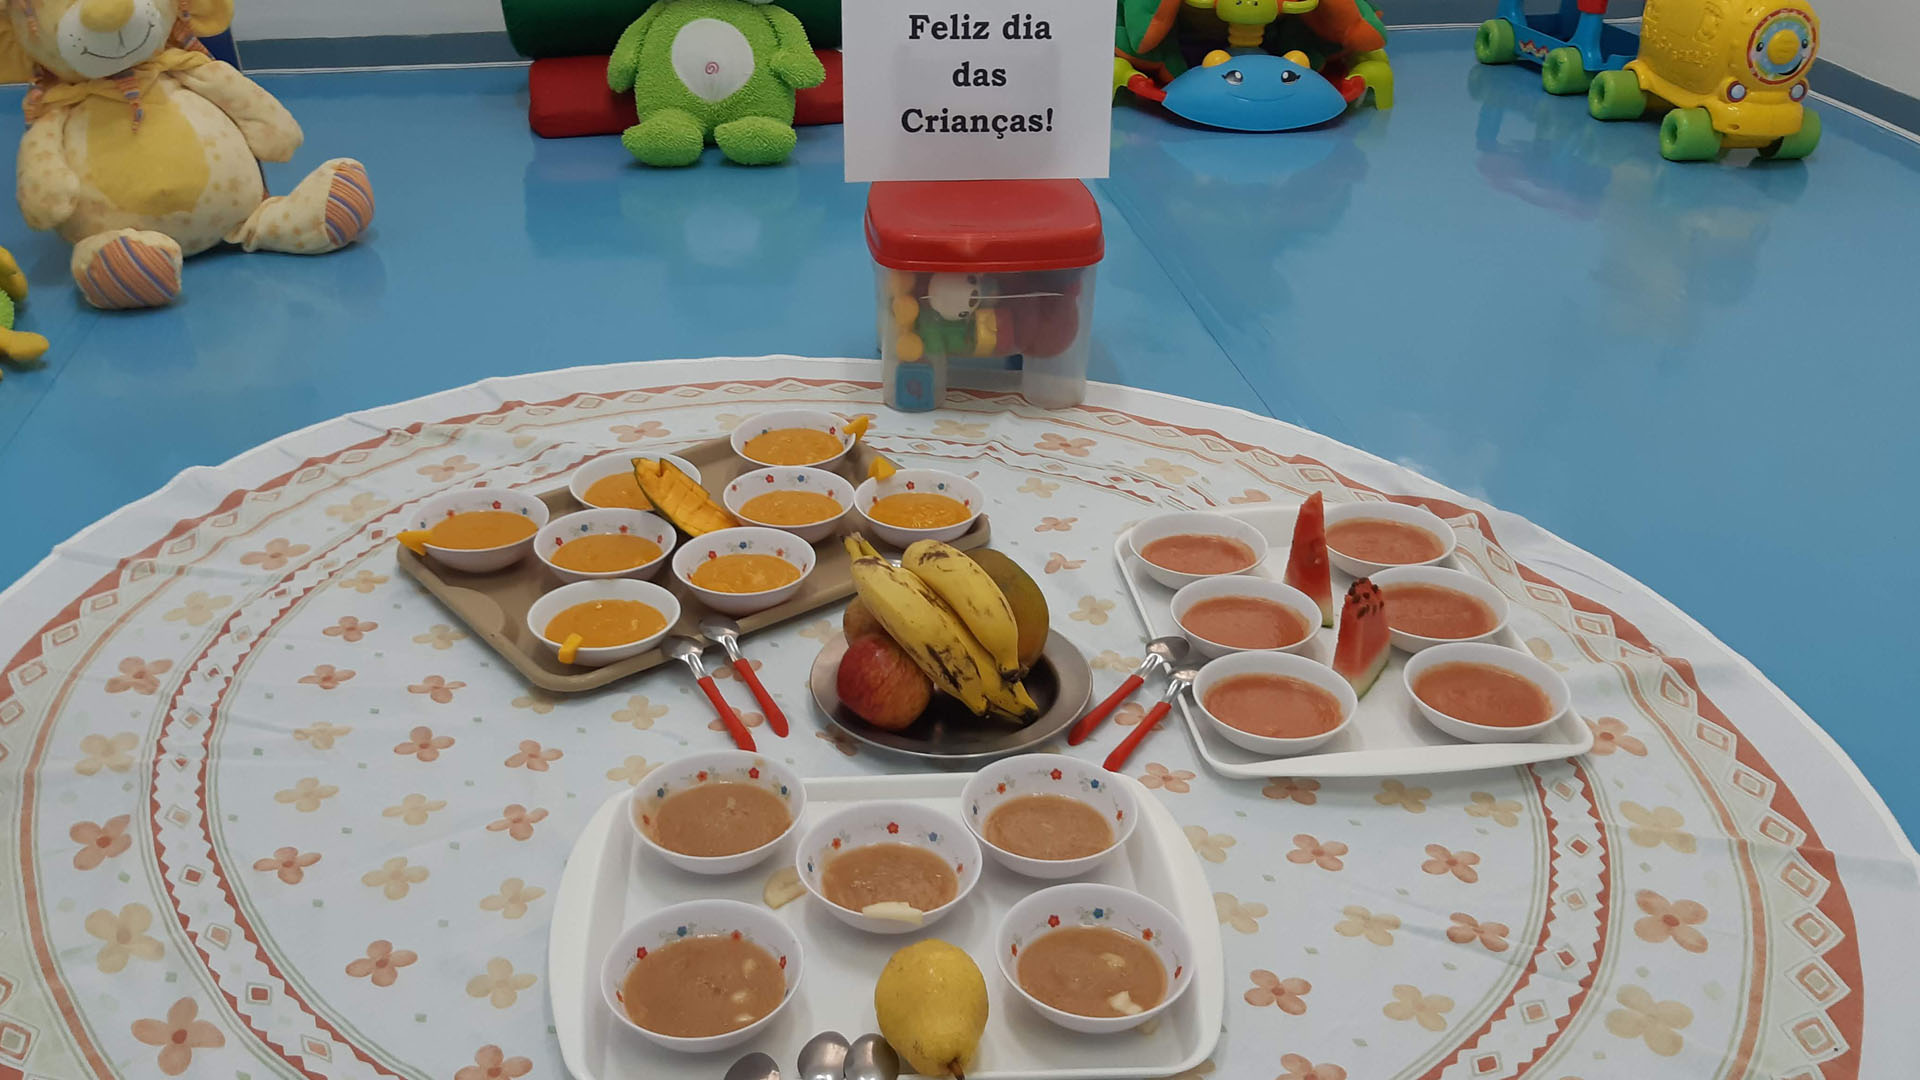 [Berçário - Semana das Crianças - Piquenique de Frutas]